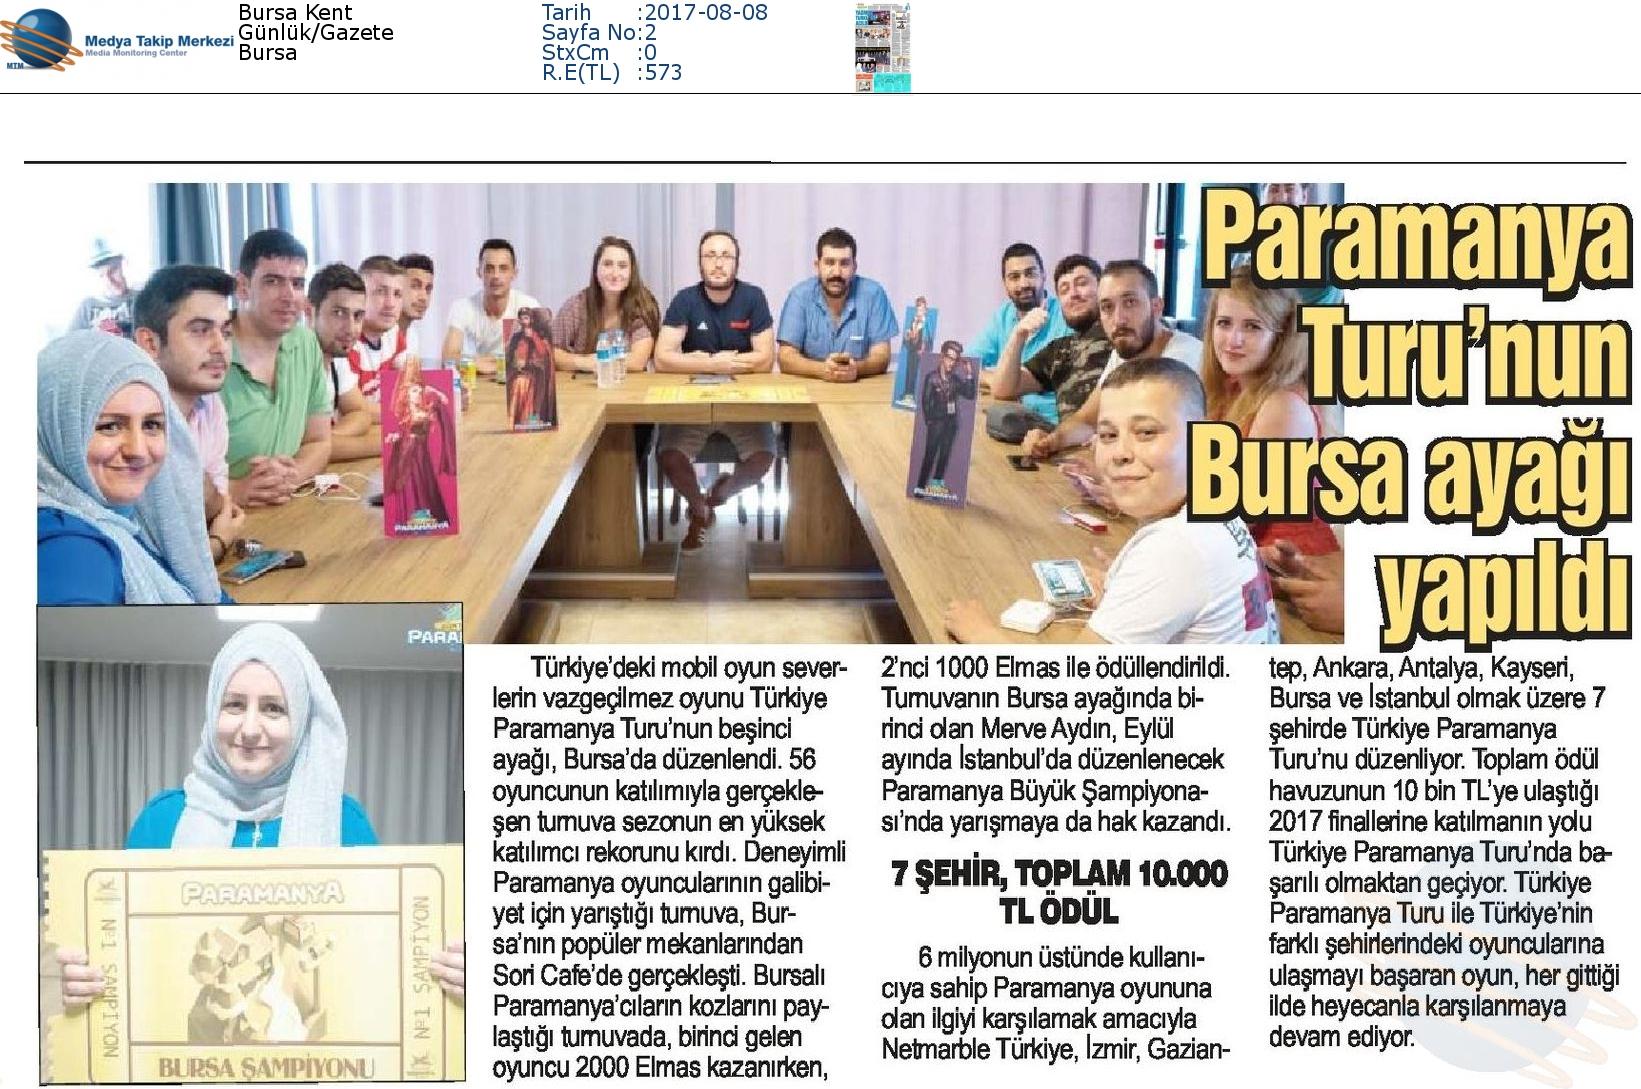 Bursa_Kent-PARAMANYA_TURUNUN_BURSA_AYAĞI_YAPILDI-08.08.2017